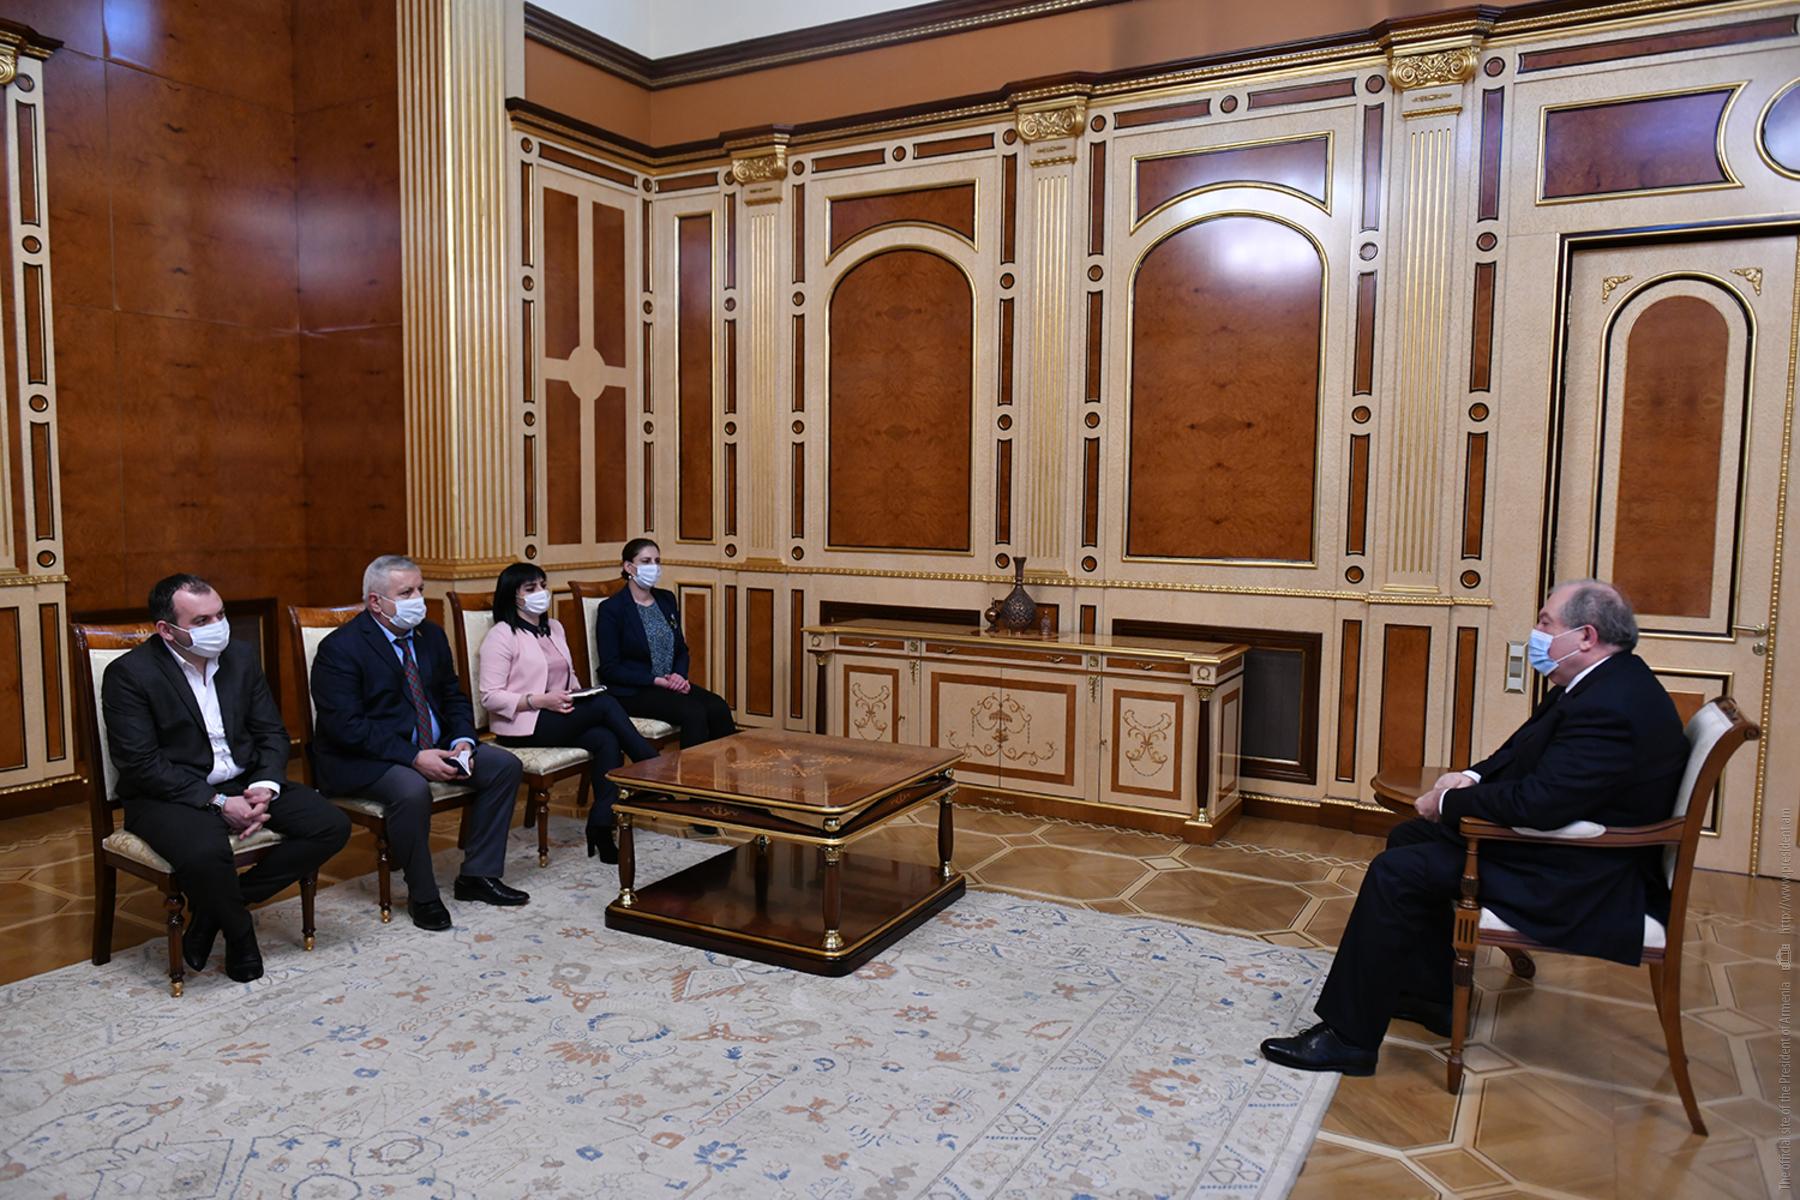 Photo of Արմեն Սարգսյանը հանդիպել է ԱԺ խմբակցություններում չընդգրկված մի խումբ պատգամավորների հետ